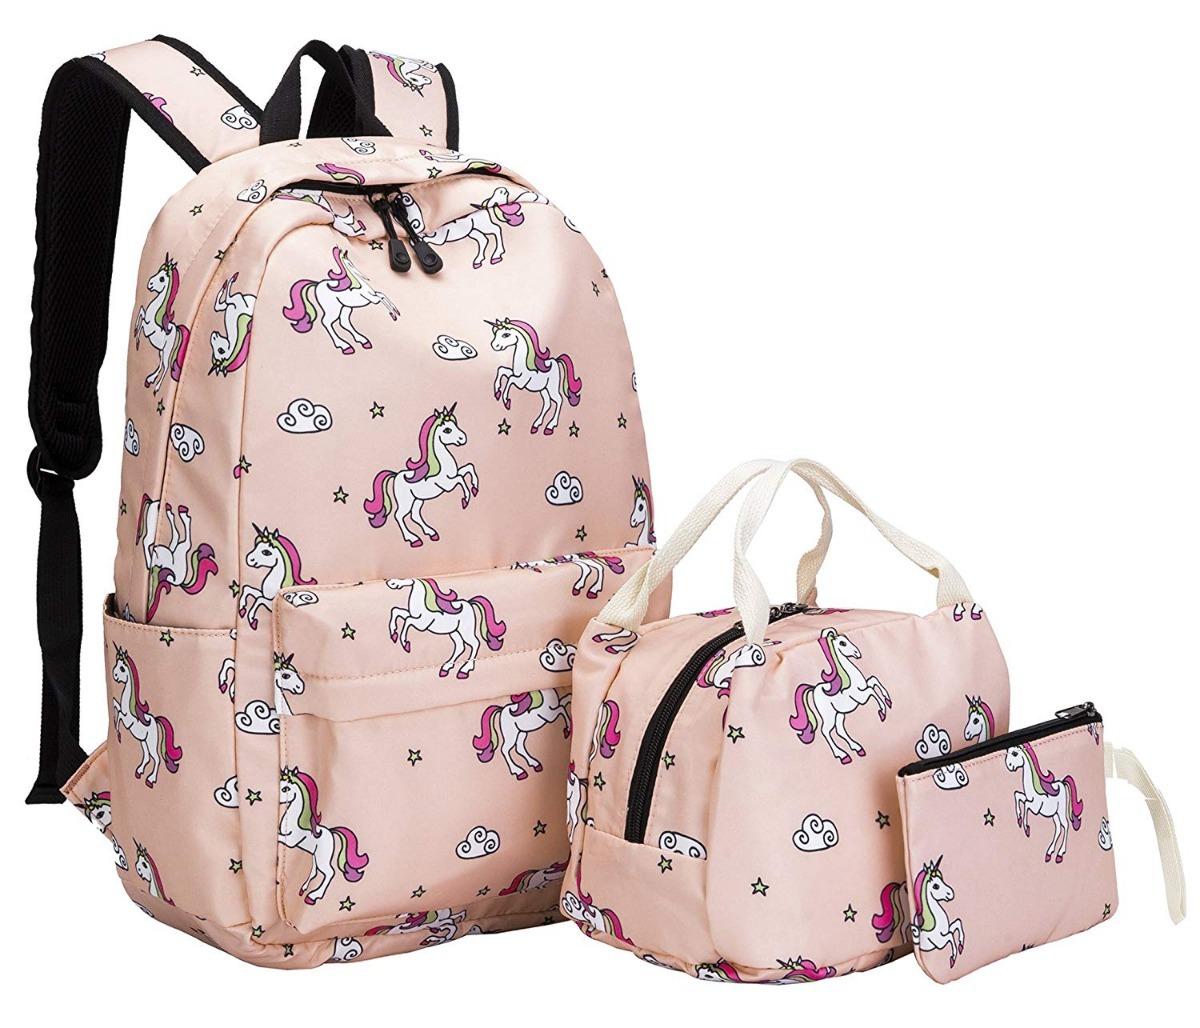 f0bf973c083 Kit Set Unicornio Mochilas Escolares Rosa Primaria Niñas ...